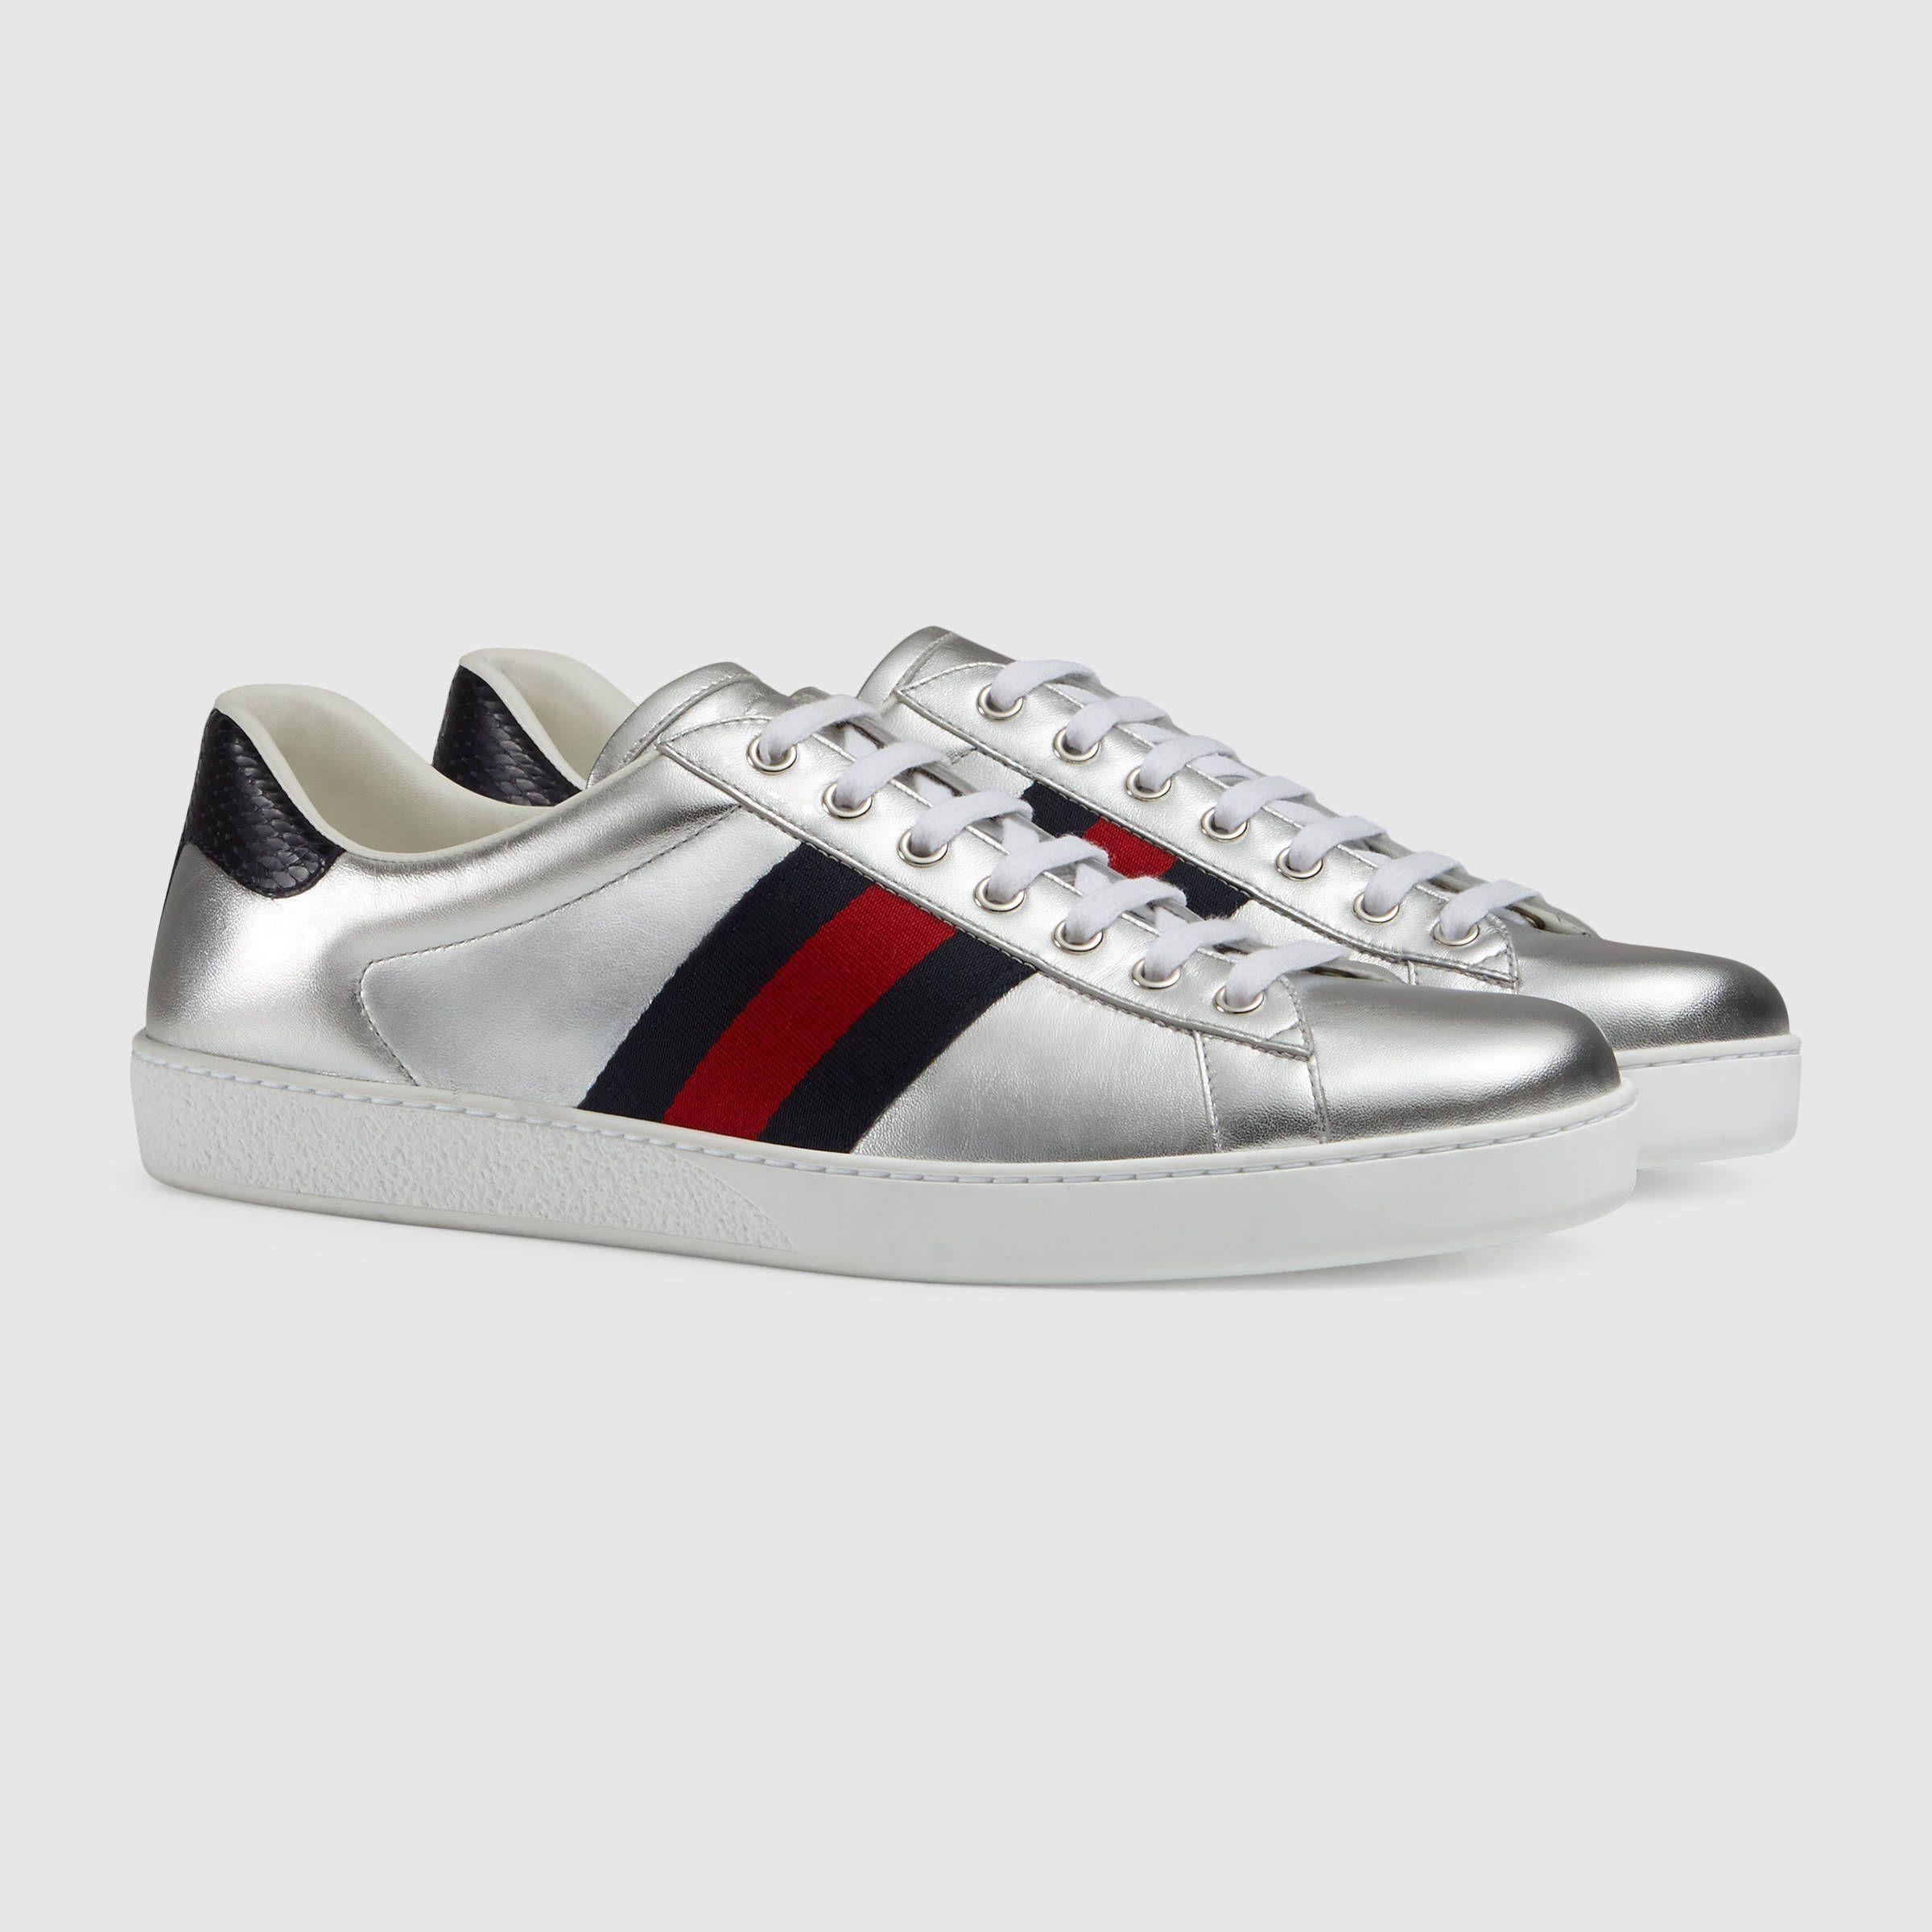 Hommes Chaussures De Sport En Cuir Plus Métallique Gucci 109HJmlnS